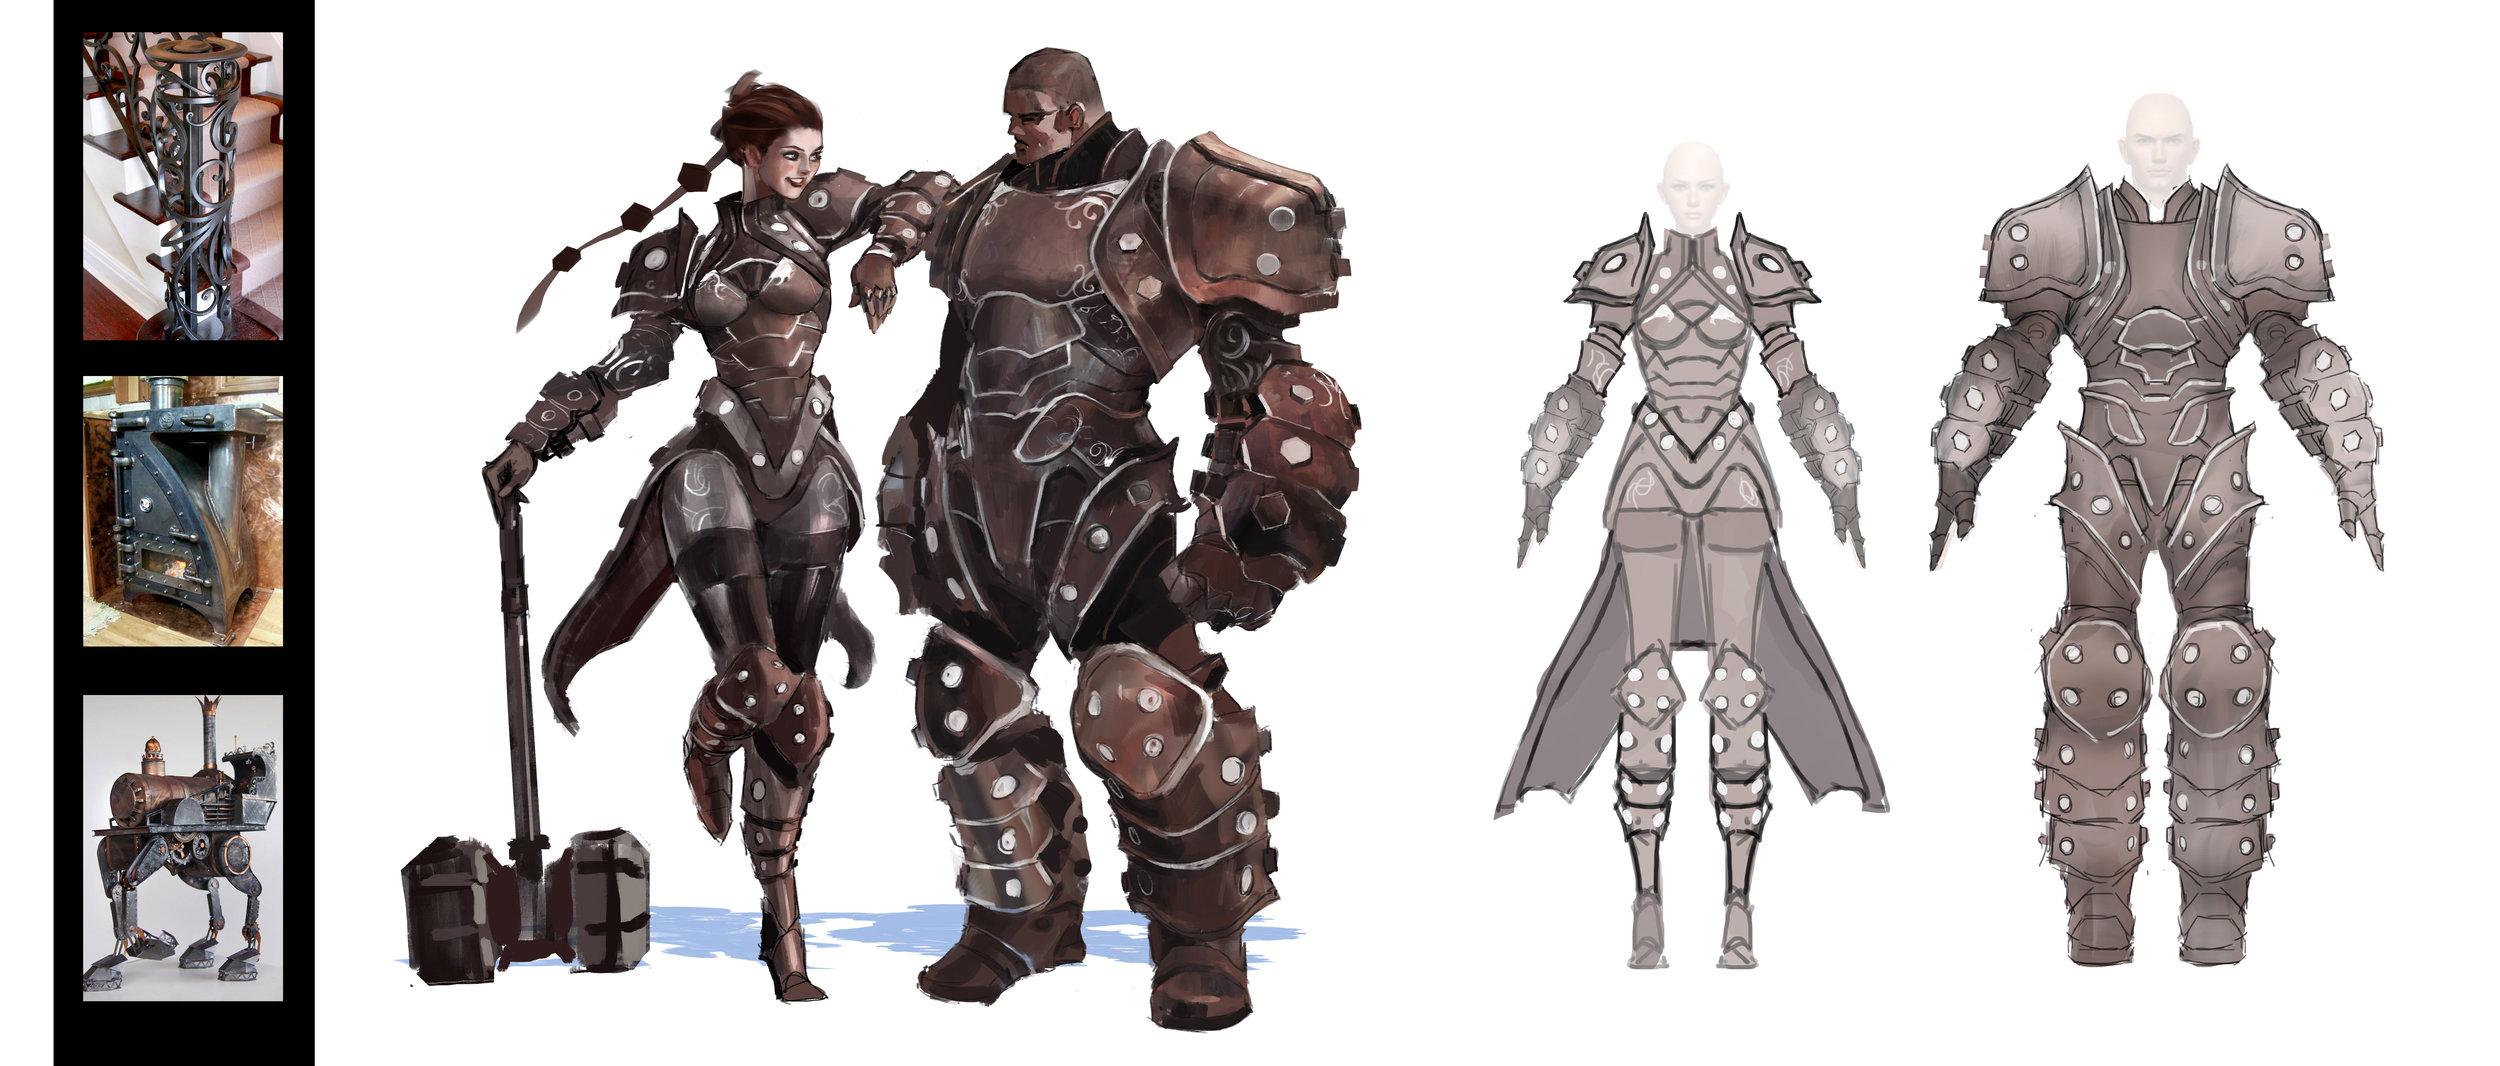 Iron_mancer_sketches.jpg